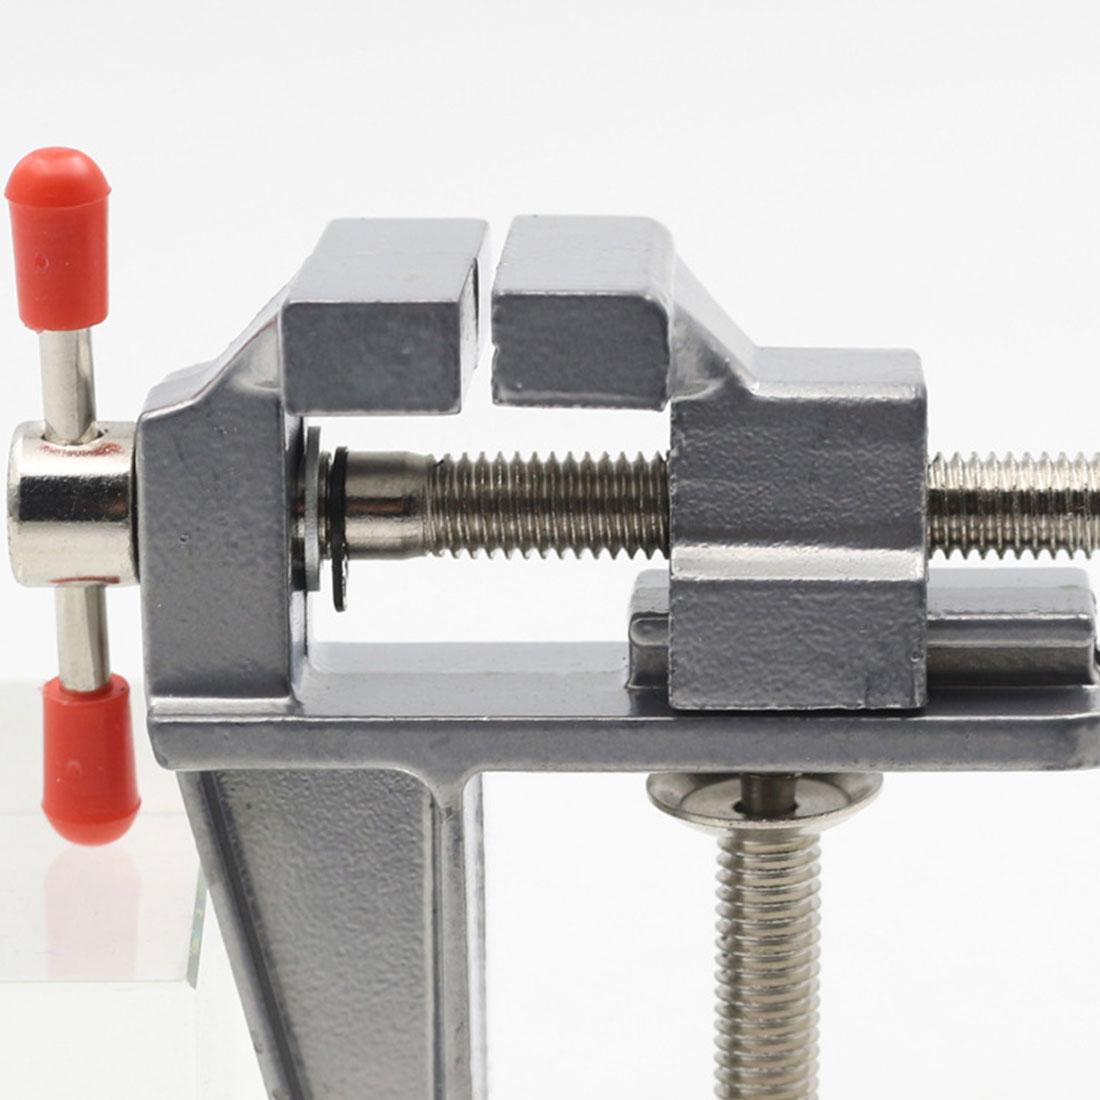 """3,5 """"Алюминиевый миниатюрный маленький зажим для хобби ювелира на настольной скамейке тиски мини-инструмент, многофункциональный"""